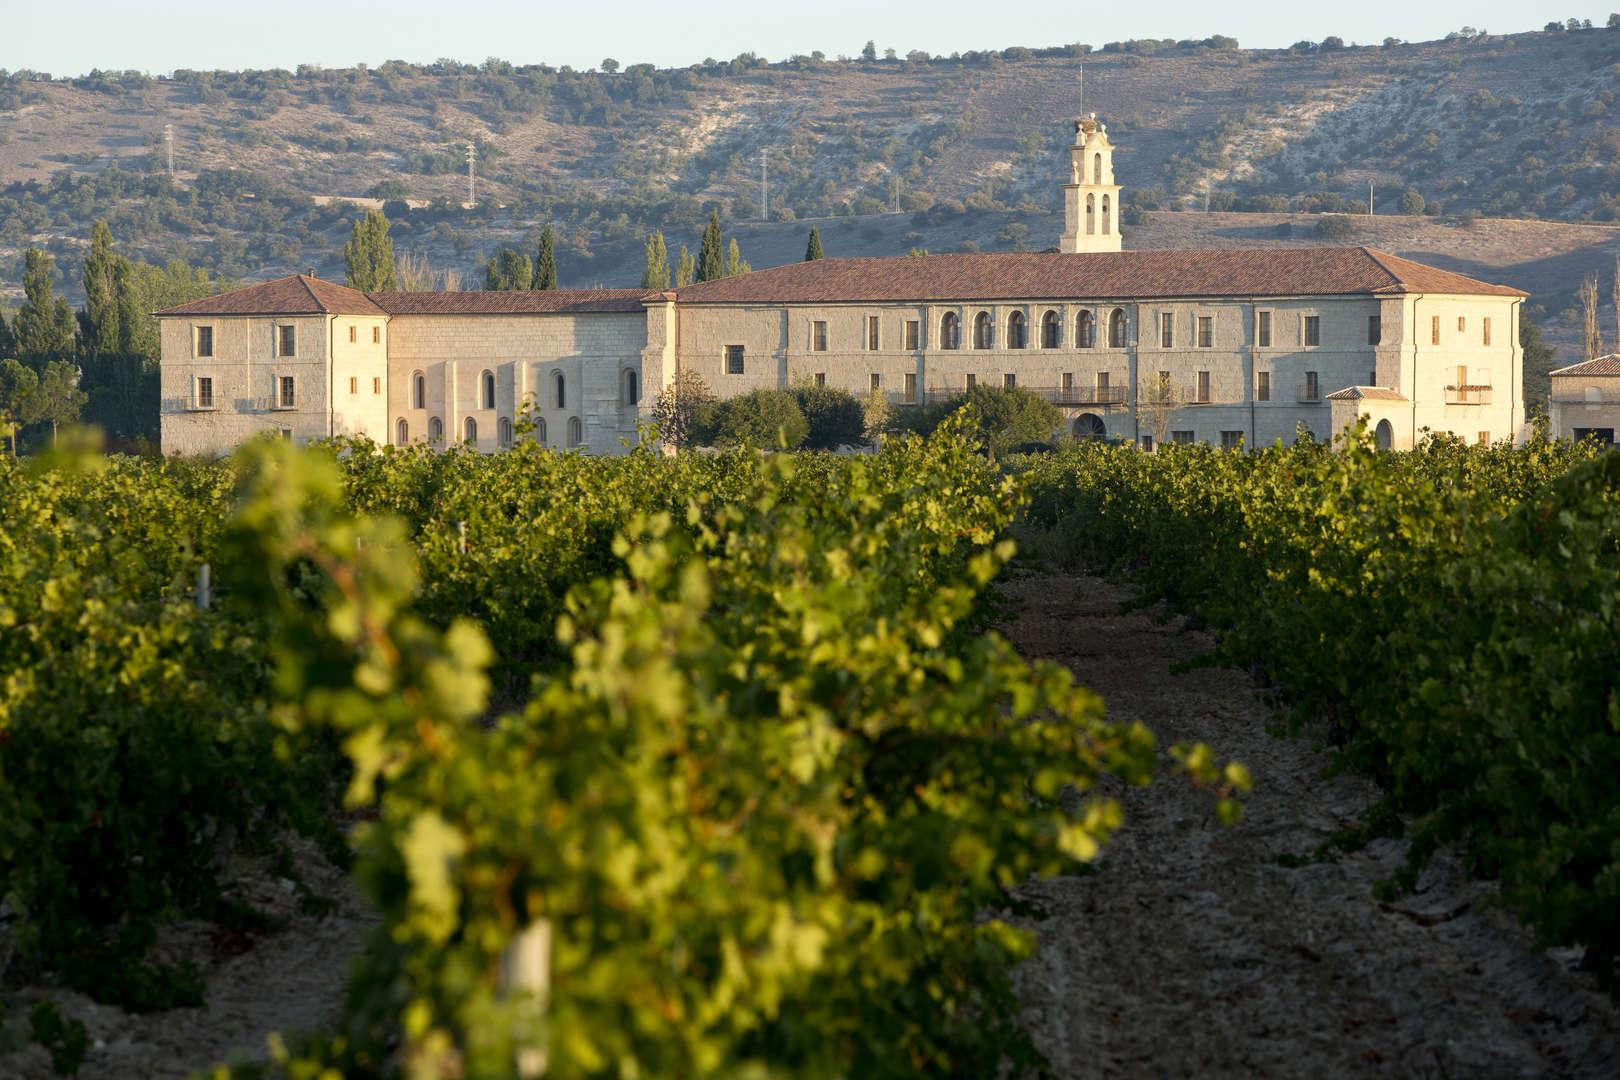 TREN CULTURA Y VINO D.O. RIBERA<br /><strong>Castillo y vino Ruta del vino de Ribera de Duero <strong class='extra_info_articulo'>- desde 260.00 €  </strong></strong>